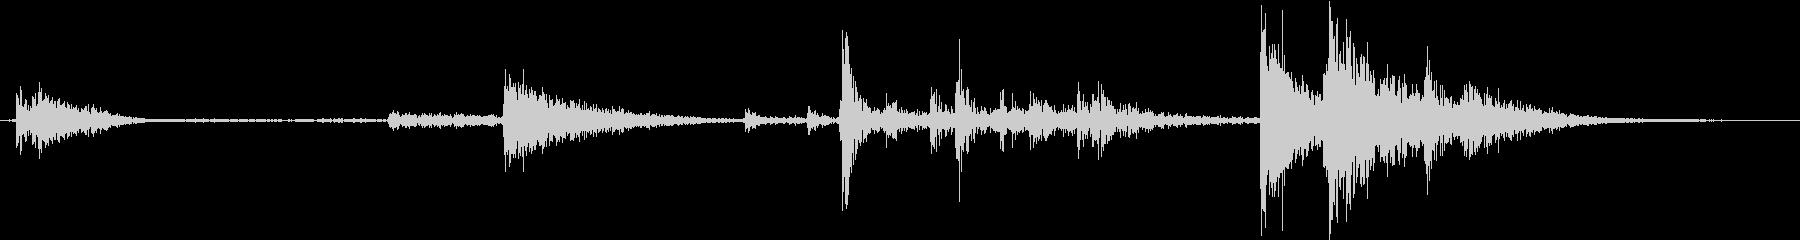 【生録音】装備品の音 金属 武器 2の未再生の波形